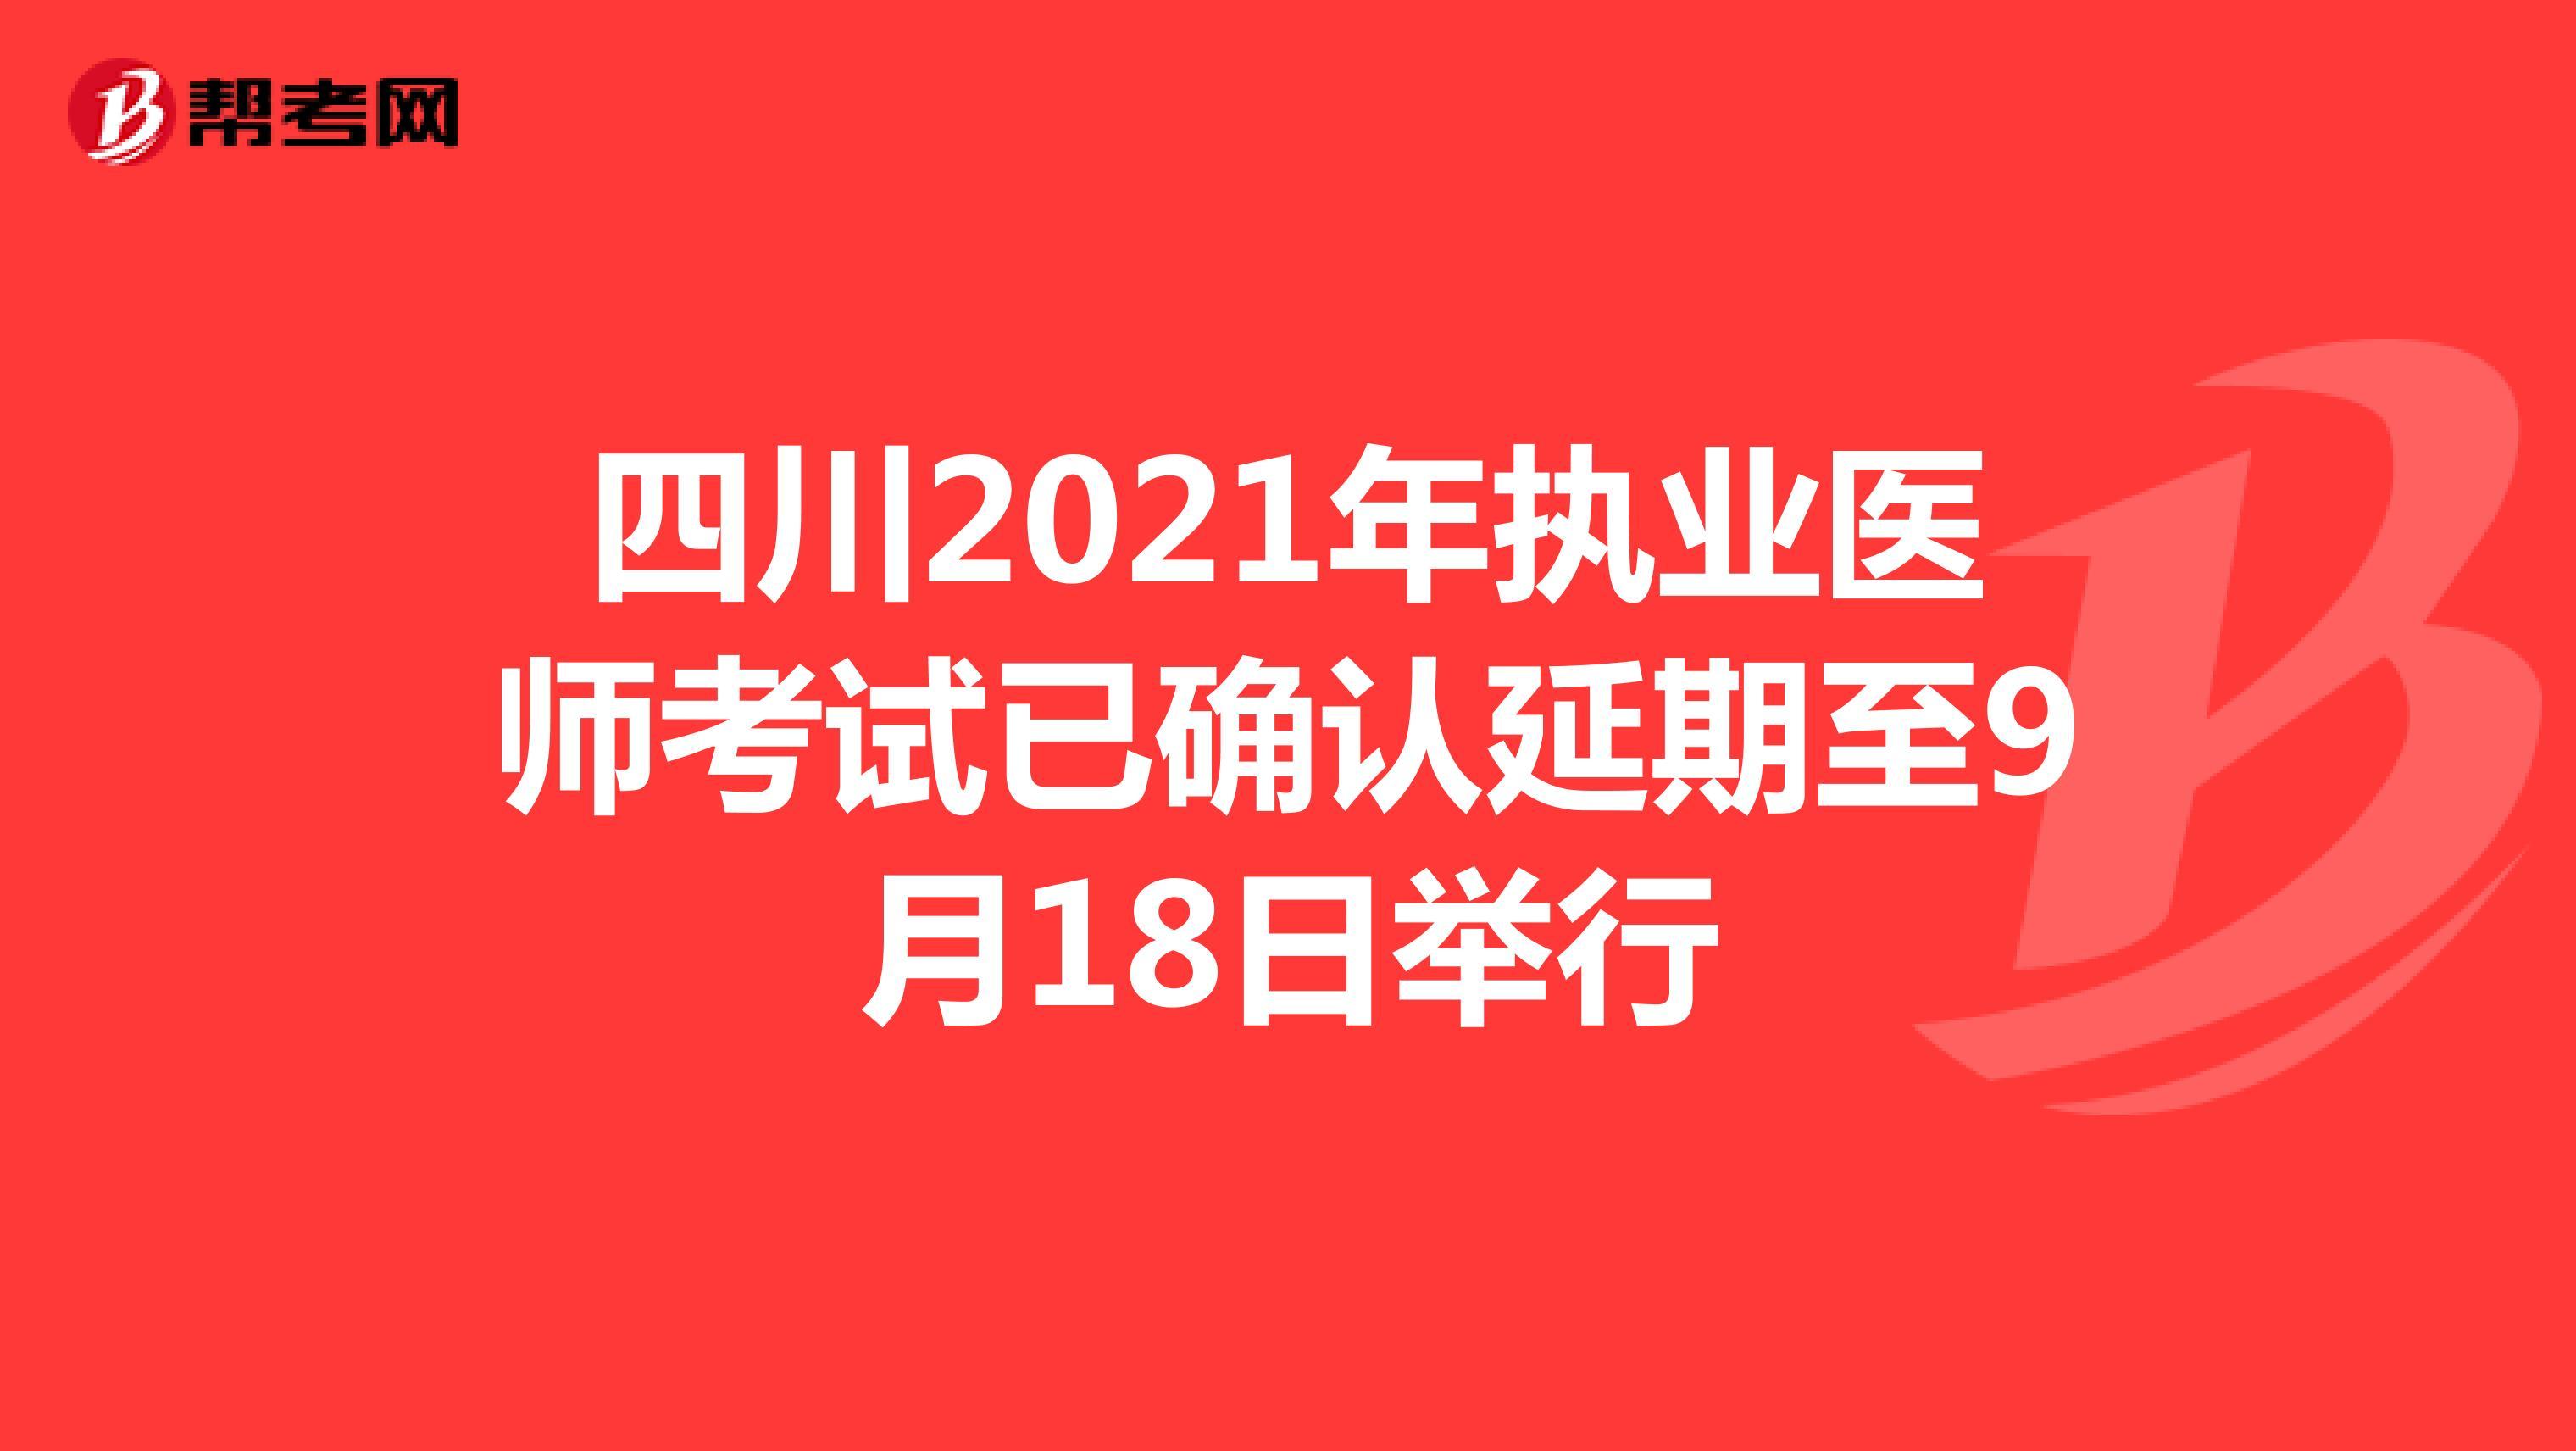 四川2021年执业医师考试已确认延期至9月18日举行